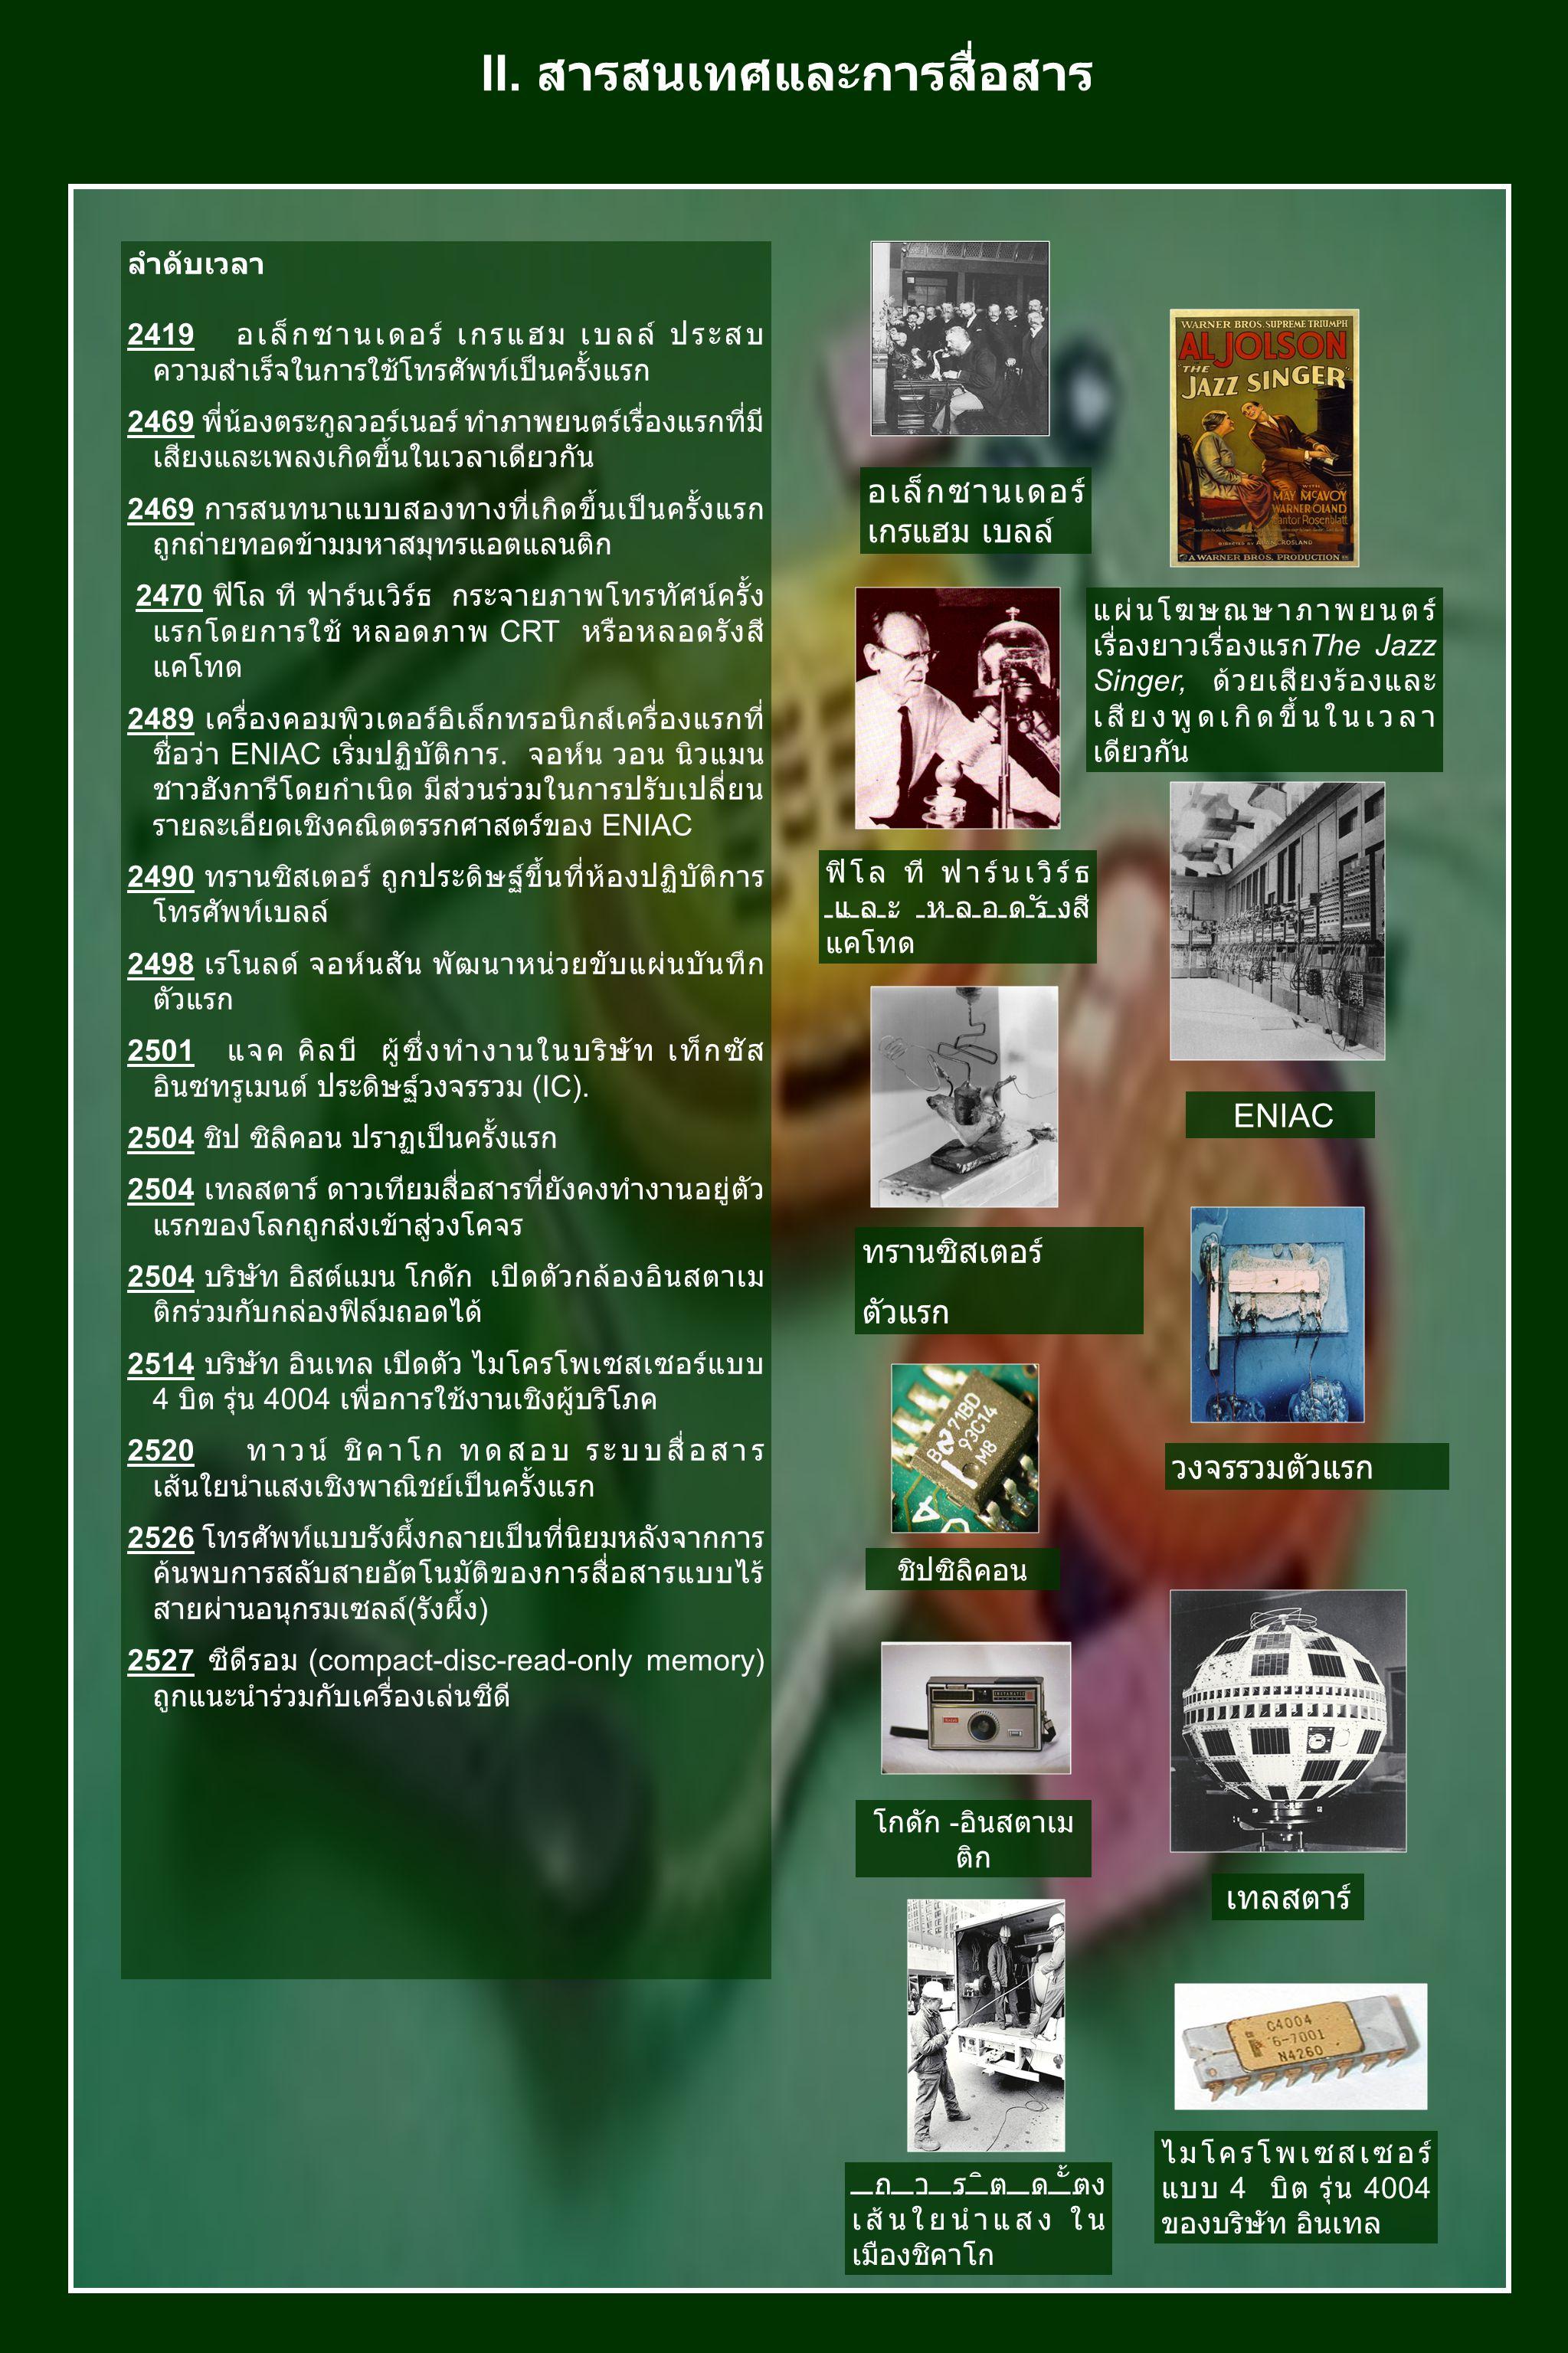 อเล็กซานเดอร์ เกรแฮม เบลล์ แผ่นโฆษณษาภาพยนตร์ เรื่องยาวเรื่องแรก The Jazz Singer, ด้วยเสียงร้องและ เสียงพูดเกิดขึ้นในเวลา เดียวกัน ฟิโล ที ฟาร์นเวิร์ธ